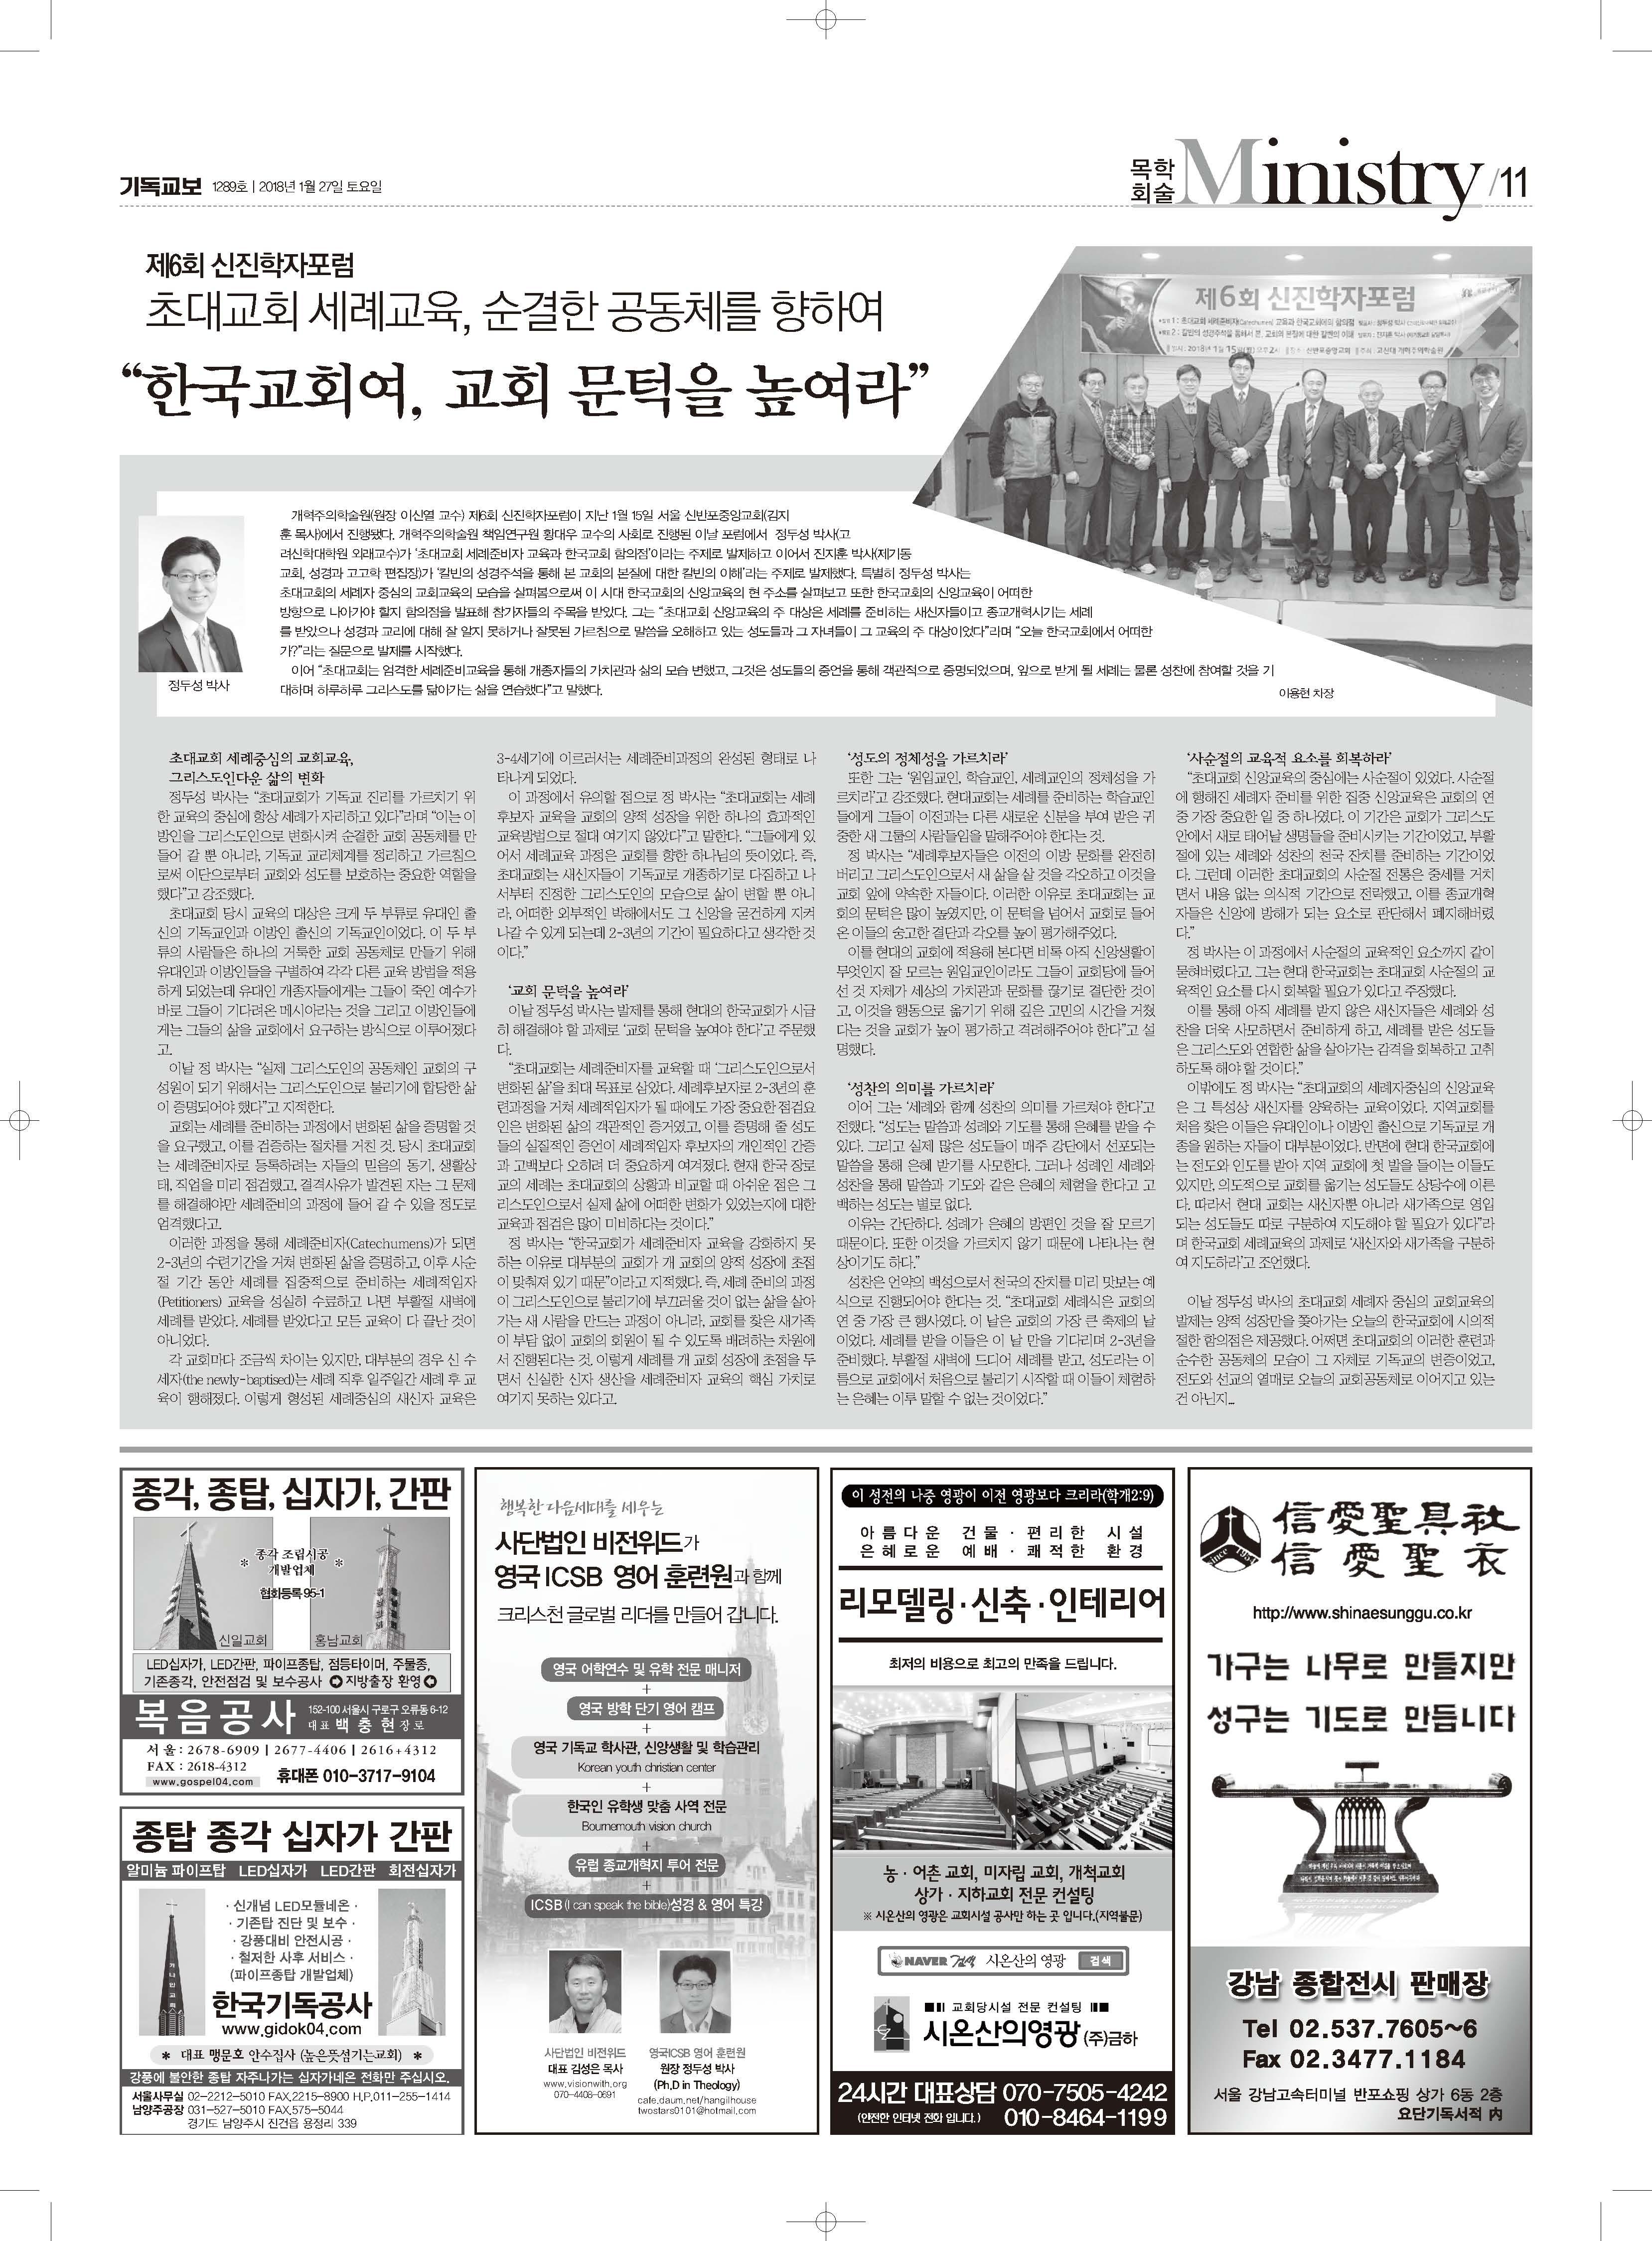 고신대학교포럼기사(c).jpg